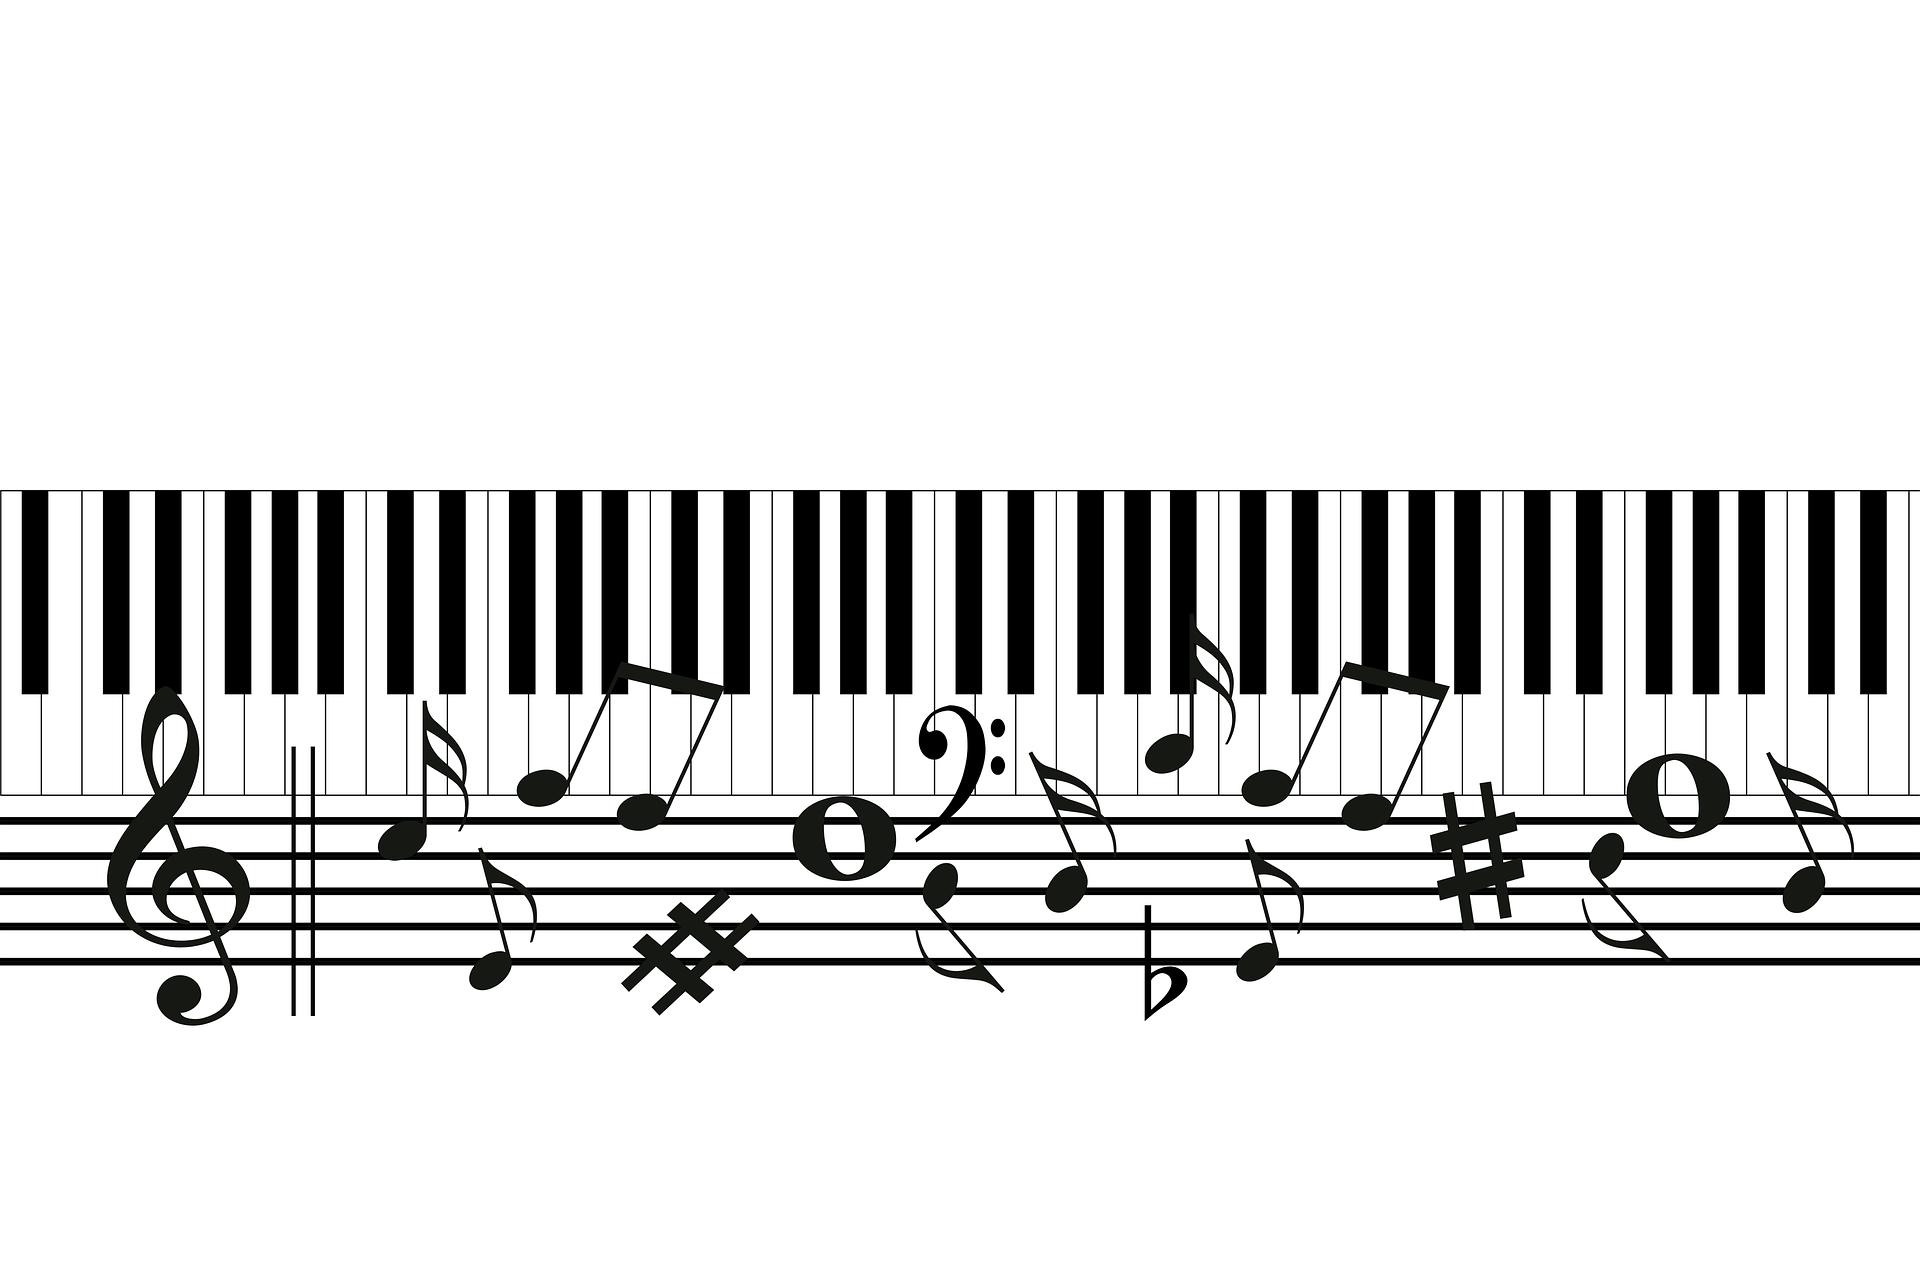 Jumbled music